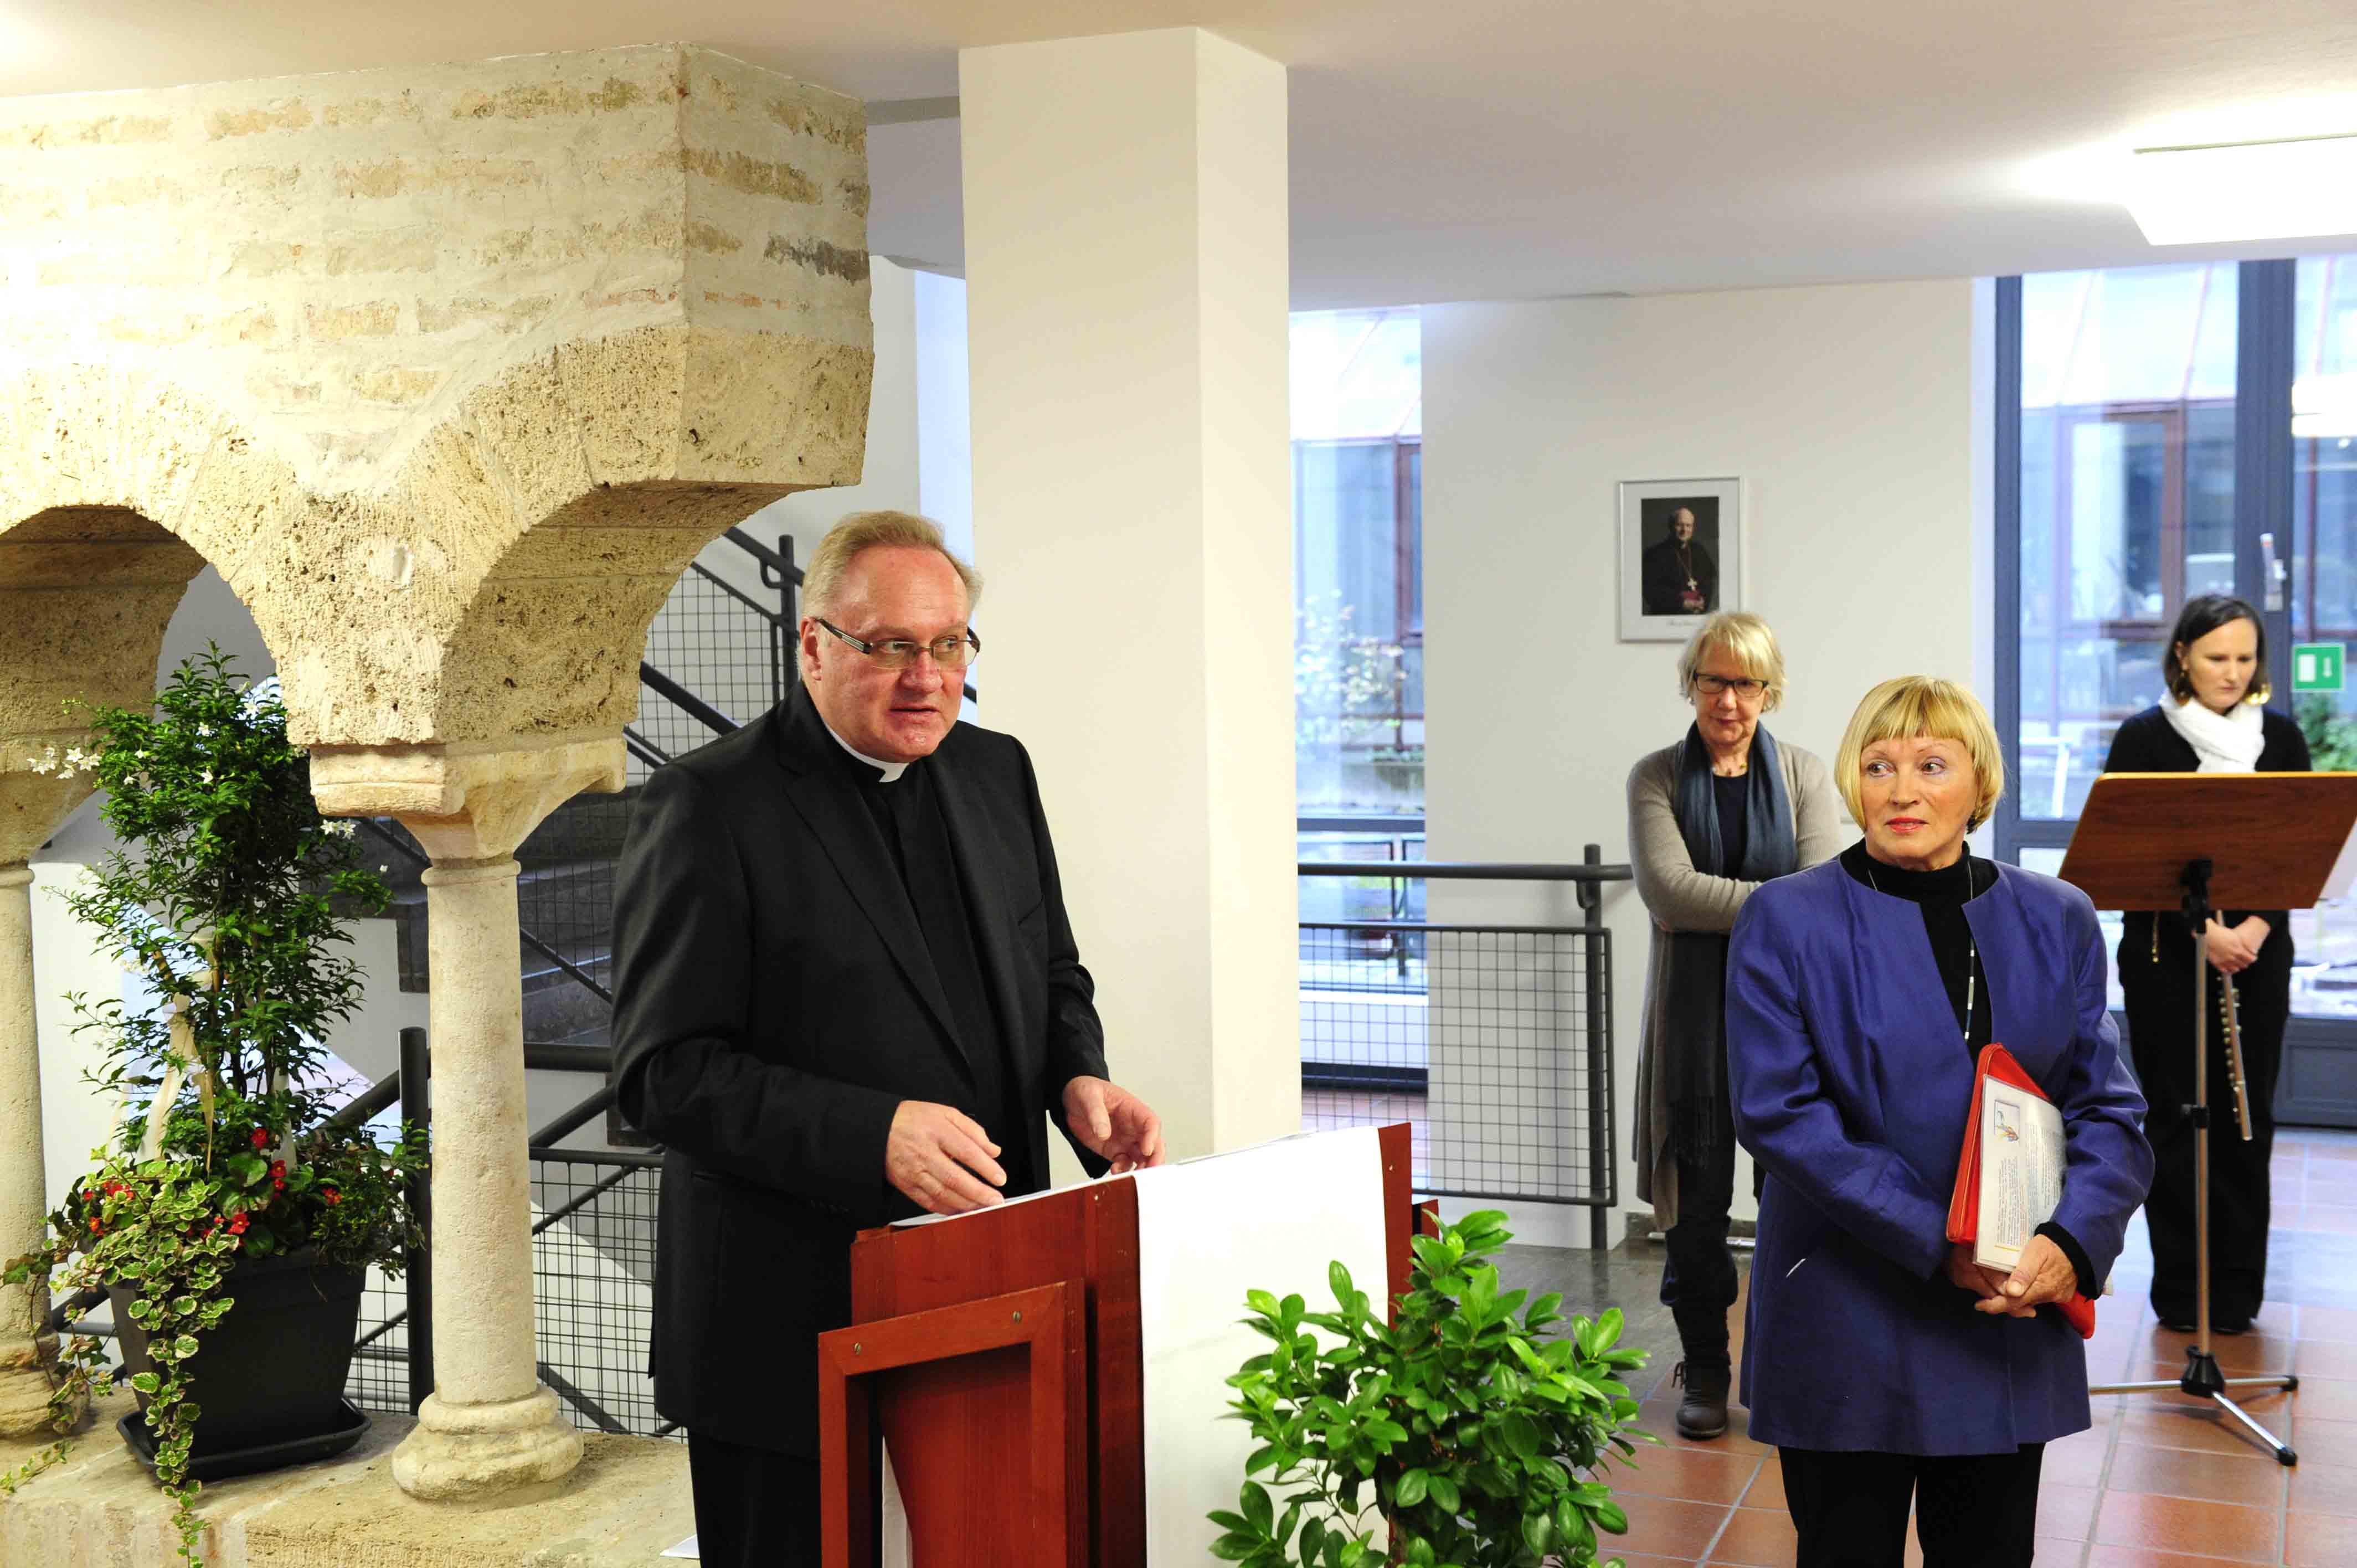 Einführende Worte von Bischofsvikar Karlheinz Knebel zum Schaffen der Künstlerin.